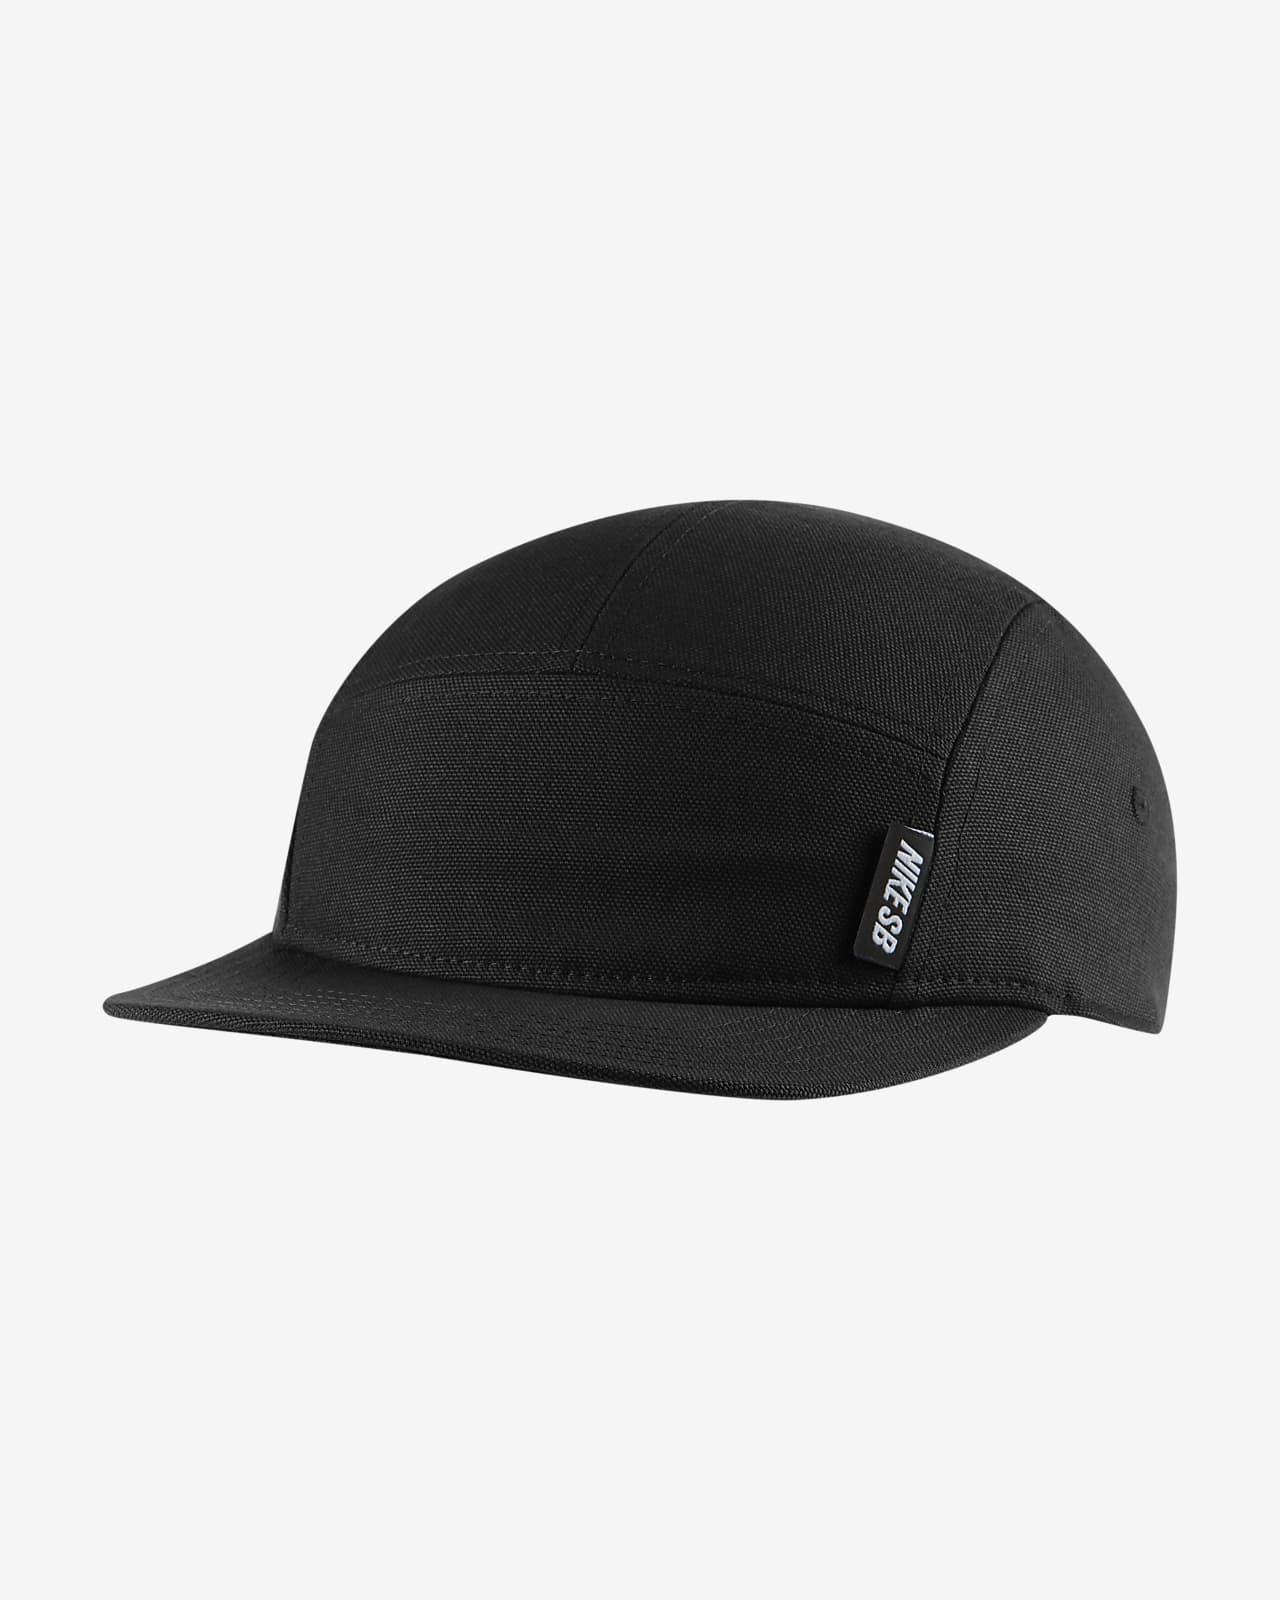 Nike SB AW84 Adjustable Skate Cap